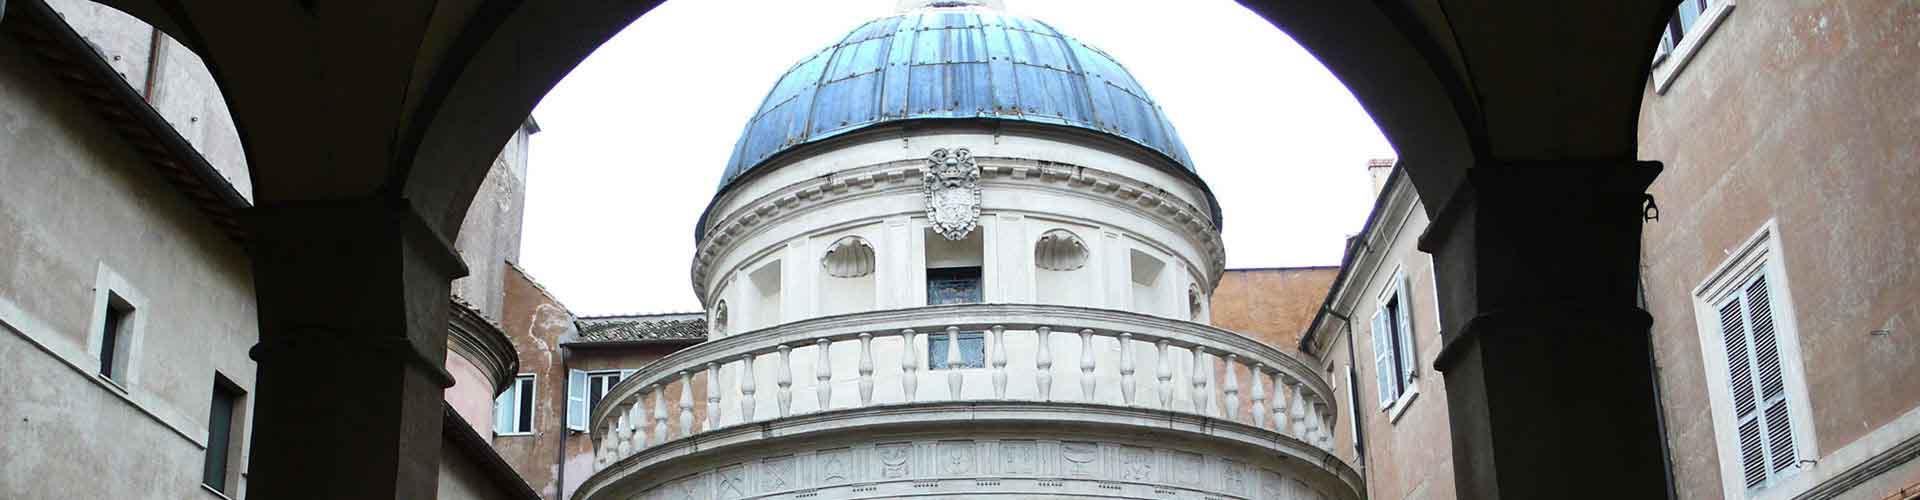 Řím - Hostelů v blízkosti Tempietto. Mapy pro Řím, fotky a recenze pro každý hostel v Řím.